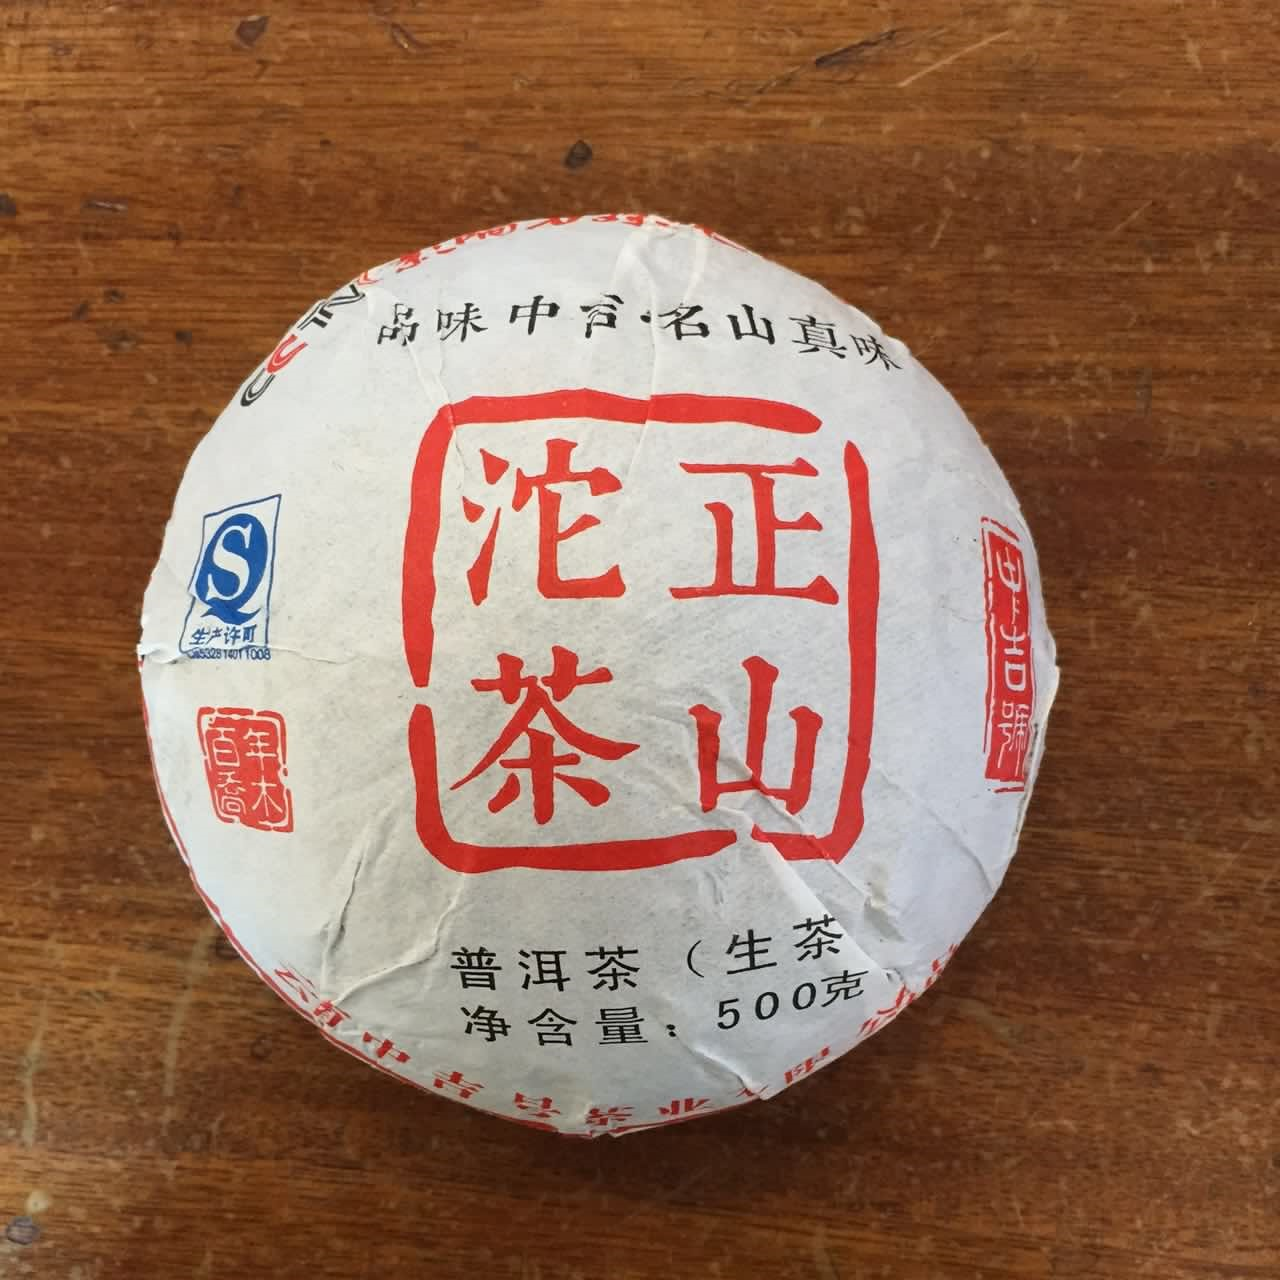 中吉号古树茶 - 正山贡沱2015